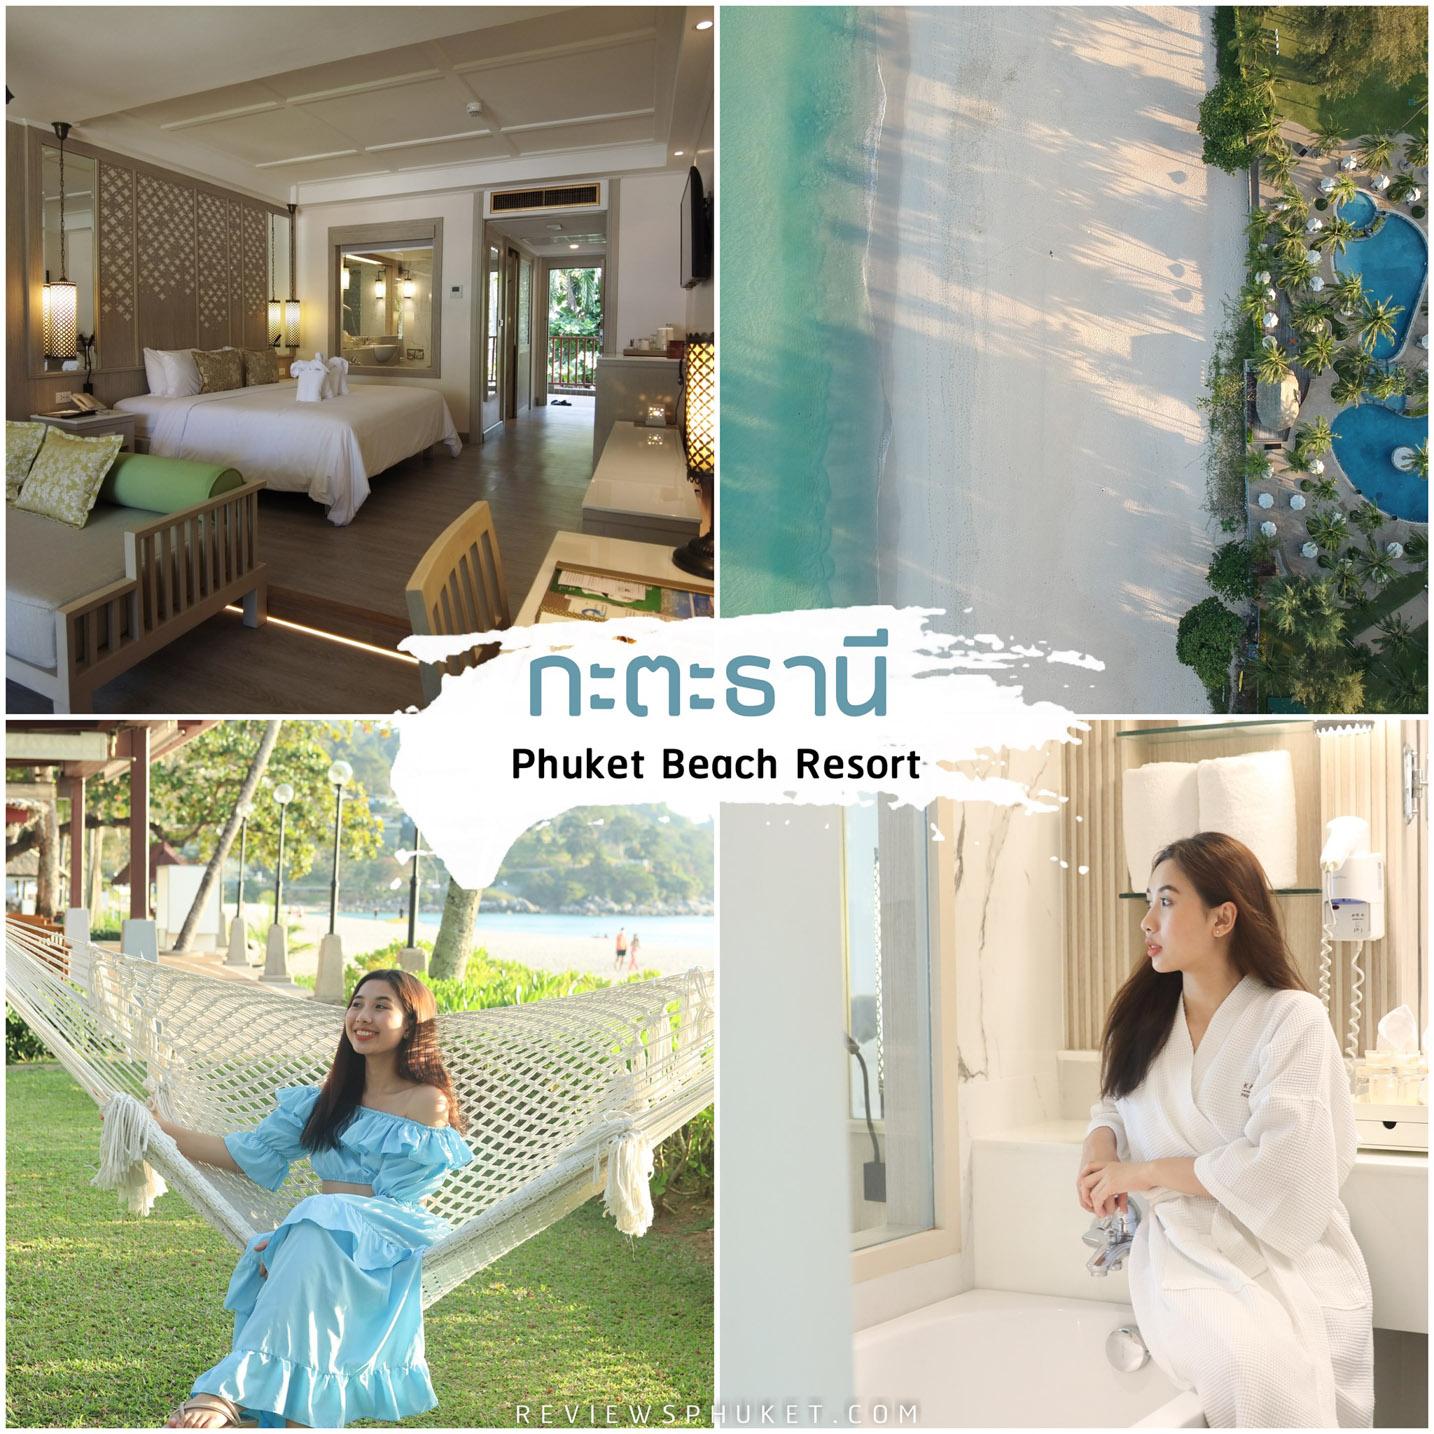 Kata-Thani-Phuket-Beach-Resort กะตะธานี-ภูเก็ต-บีช-รีสอร์ท-ที่พักสุดสวยริมหาดกะตะ-บอกเลยที่นี่จุดเด่นคือหาดและบริเวณรอบโรมคือสวยมวากกก-เป็นหญ้าเขียวสวยๆ-และพื้นที่กว้างมีสระว่ายน้ำหลายแห่งกันเลยทีเดียวครับ-รีวิวกันเลยในส่วนของบรรยากาศแอดมินให้-10/10-สะดวกสบาย-อากาศดี-มี-facility-ครบ-รีวิวกันต่อส่วนของห้องพักมีหลายแบบให้เลือกมากมาย-ห้องมีแบบแนวยาว-และแบบแนวสี่เหลี่ยมจัตุรัส-ทุกห้องถูกออกแบบให้มาเป็น-Seaview-ทั้งหมด-คือมาพักที่นี่คือบอกเลยว่าวิวทะเลแน่น้อนน-แถมตรงนี้ทะเลสวยสุดๆไปเลยน๊าา-รีวิวกันต่อในส่วนอาหารเช้าบอกเลยว่าอร่อยมวากก-เป็นทีเด็ดของที่นี่เลย--ข้าวต้มแห้ง--บอกเลยว่าน้ำซุปอร่อยสุดๆ-ไม่แพ้ที่ไหนเลยครับ-และยังมีอีกเมนูที่ทุกคนต้องห้ามพลาด--ข้าวหมูแดง--ของในเครือกะตะธานีคือบอกเลยว่าอร่อยสุดๆในทุกๆที่-ทั้งที่นี่-ที่-The-Sea-Gallery-และที่พักอื่นๆในเครือเลยครับ-ในส่วนของราคาสบายๆ-ไม่แพง-ห้องอาหารมีให้เลือกมากมายหลายแบบ-ทั้งโซนดินเนอร์ริมทะเล-โซนห้องอาหารไทย-และมีทีเด็ดคือโซนปิ้งย่าง-บาบีคิวยามเย็นด้วยครับ--แต่ไม่ได้มีทุกวันน้า-รู้สึกจะมีเฉพาะเสาร์อาทิตย์-อาจมีการเปลี่ยนแปลงให้สอบถามโรงแรมอีกครั้งครับ--ในส่วนของทะเลหาดสวยน้ำใสมากๆ-เป็นหาดที่แอดมินชอบที่สุดในภูเก็ตเลยตรงนี้-ทรายนุ่มๆ-นั่งชิวกันได้ทั้งวันเลยทีเดียวครับ-อ้อ-เกือบลืม-ที่นี่เหมาะทั้งสำหรับคู่รัก-กลุ่มเพื่อน-และที่สำคัญเหมาะกับครอบครัวด้วยครับ-เพราะมี-Kidsclub-คือโซนเด็กเล่น-มีทั้งสระเด็ก-สไลเดอร์-และห้องบอล-และอื่นๆอีกมากมายเลย-เด็กๆชอบแน่น้อนน-ต้องพาน้อนมาน้าา  ที่พักภูเก็ต,ที่พักหรู,วิวหลักล้าน,ริมทะเล,โรงแรม,รีสอร์ท,Phuket,หาดสวย,น้ำใส